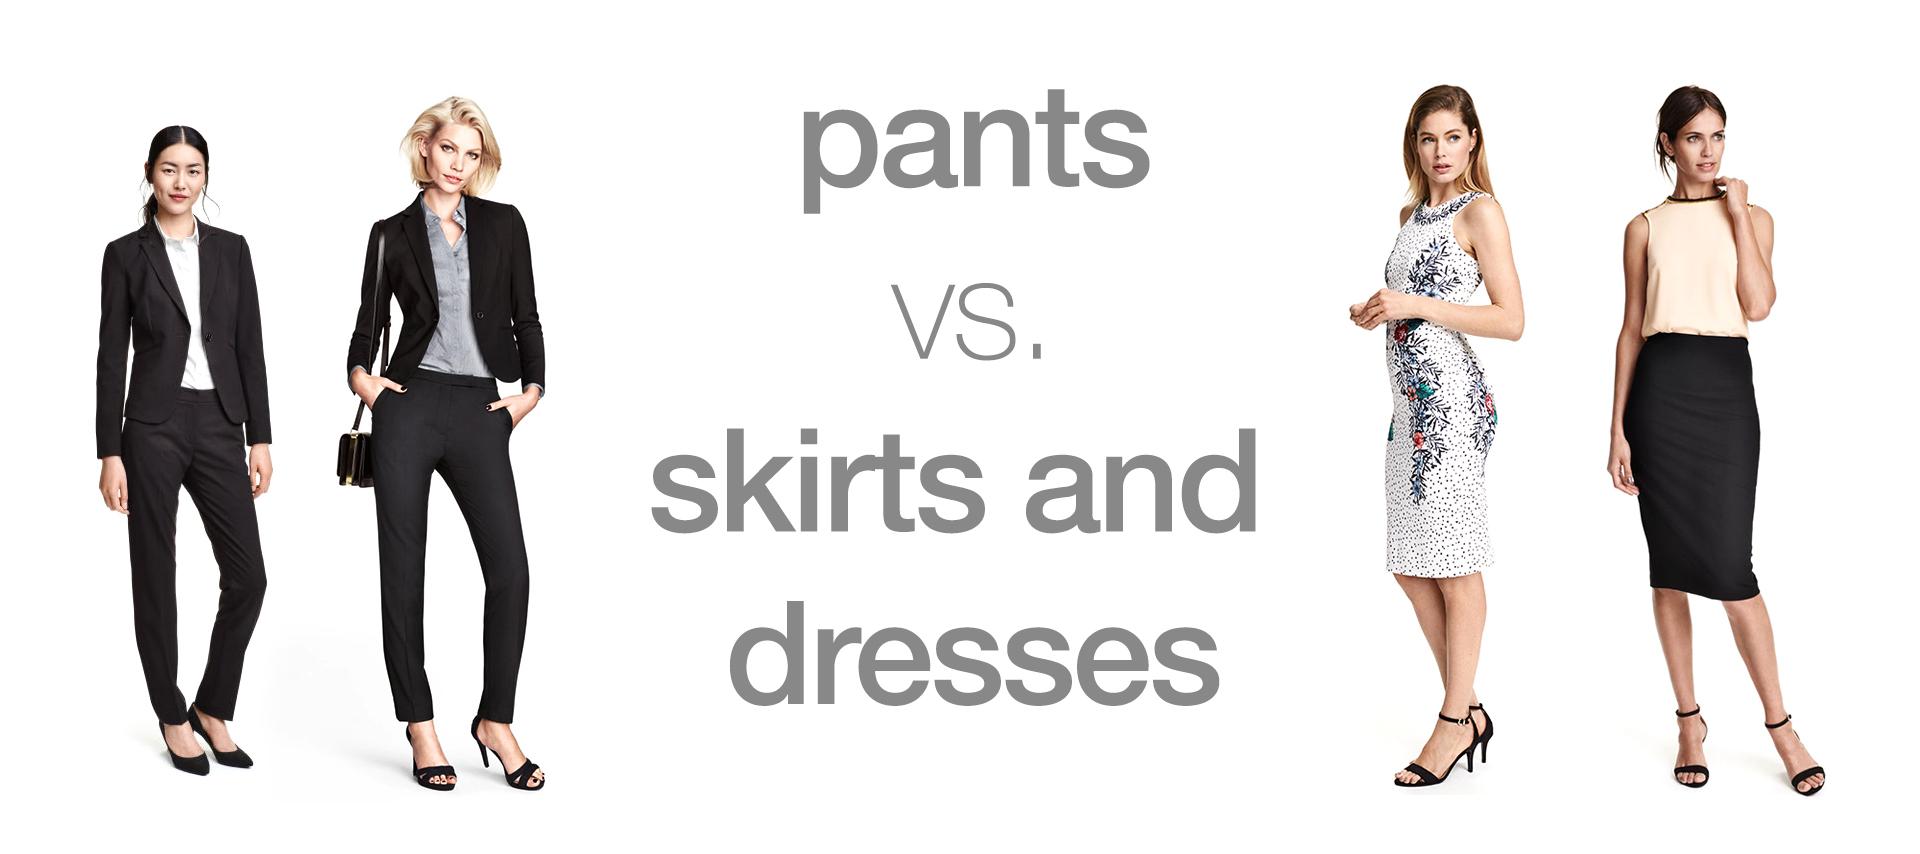 pants-vs-skirts-dresses